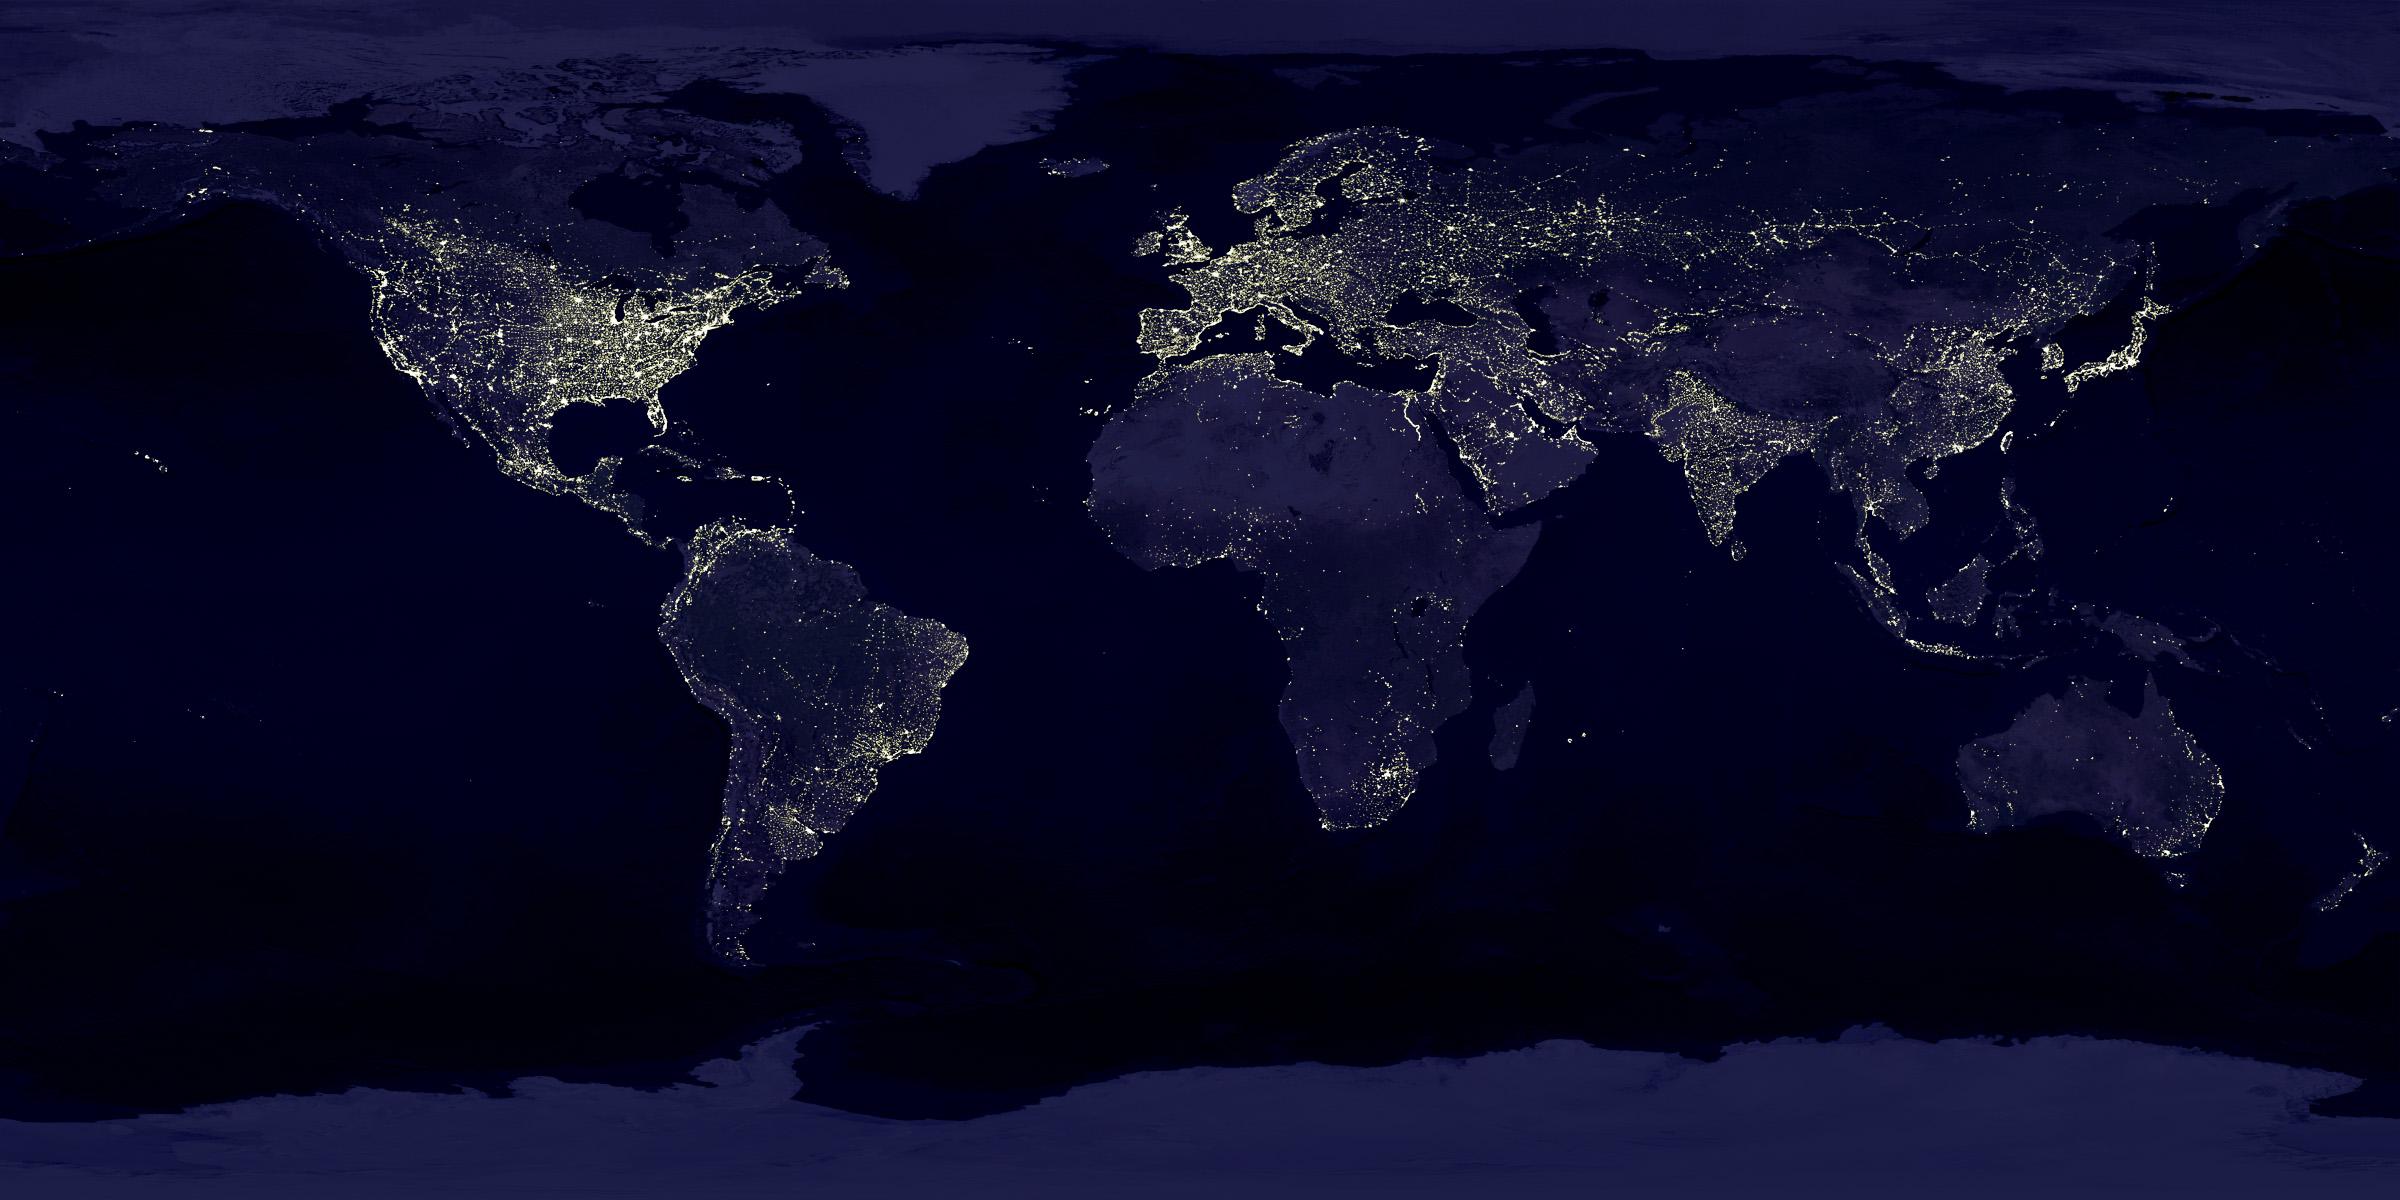 A NASA map